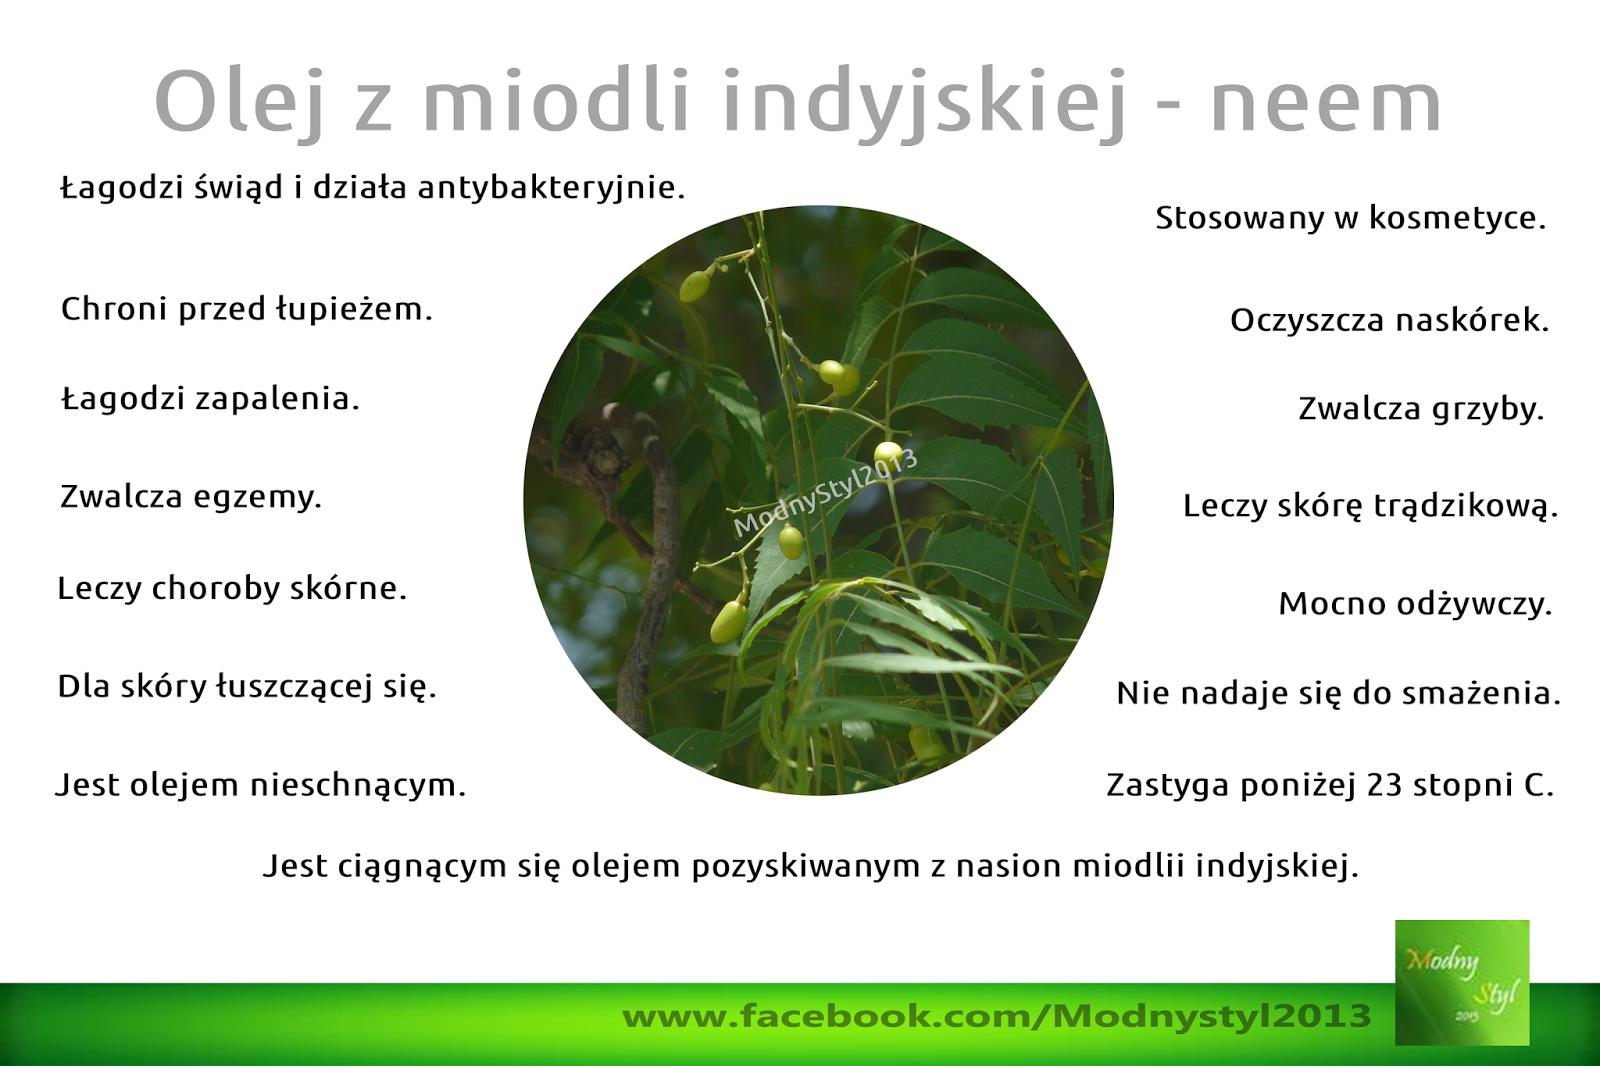 Olej z miodli indyjskiej - olej neem